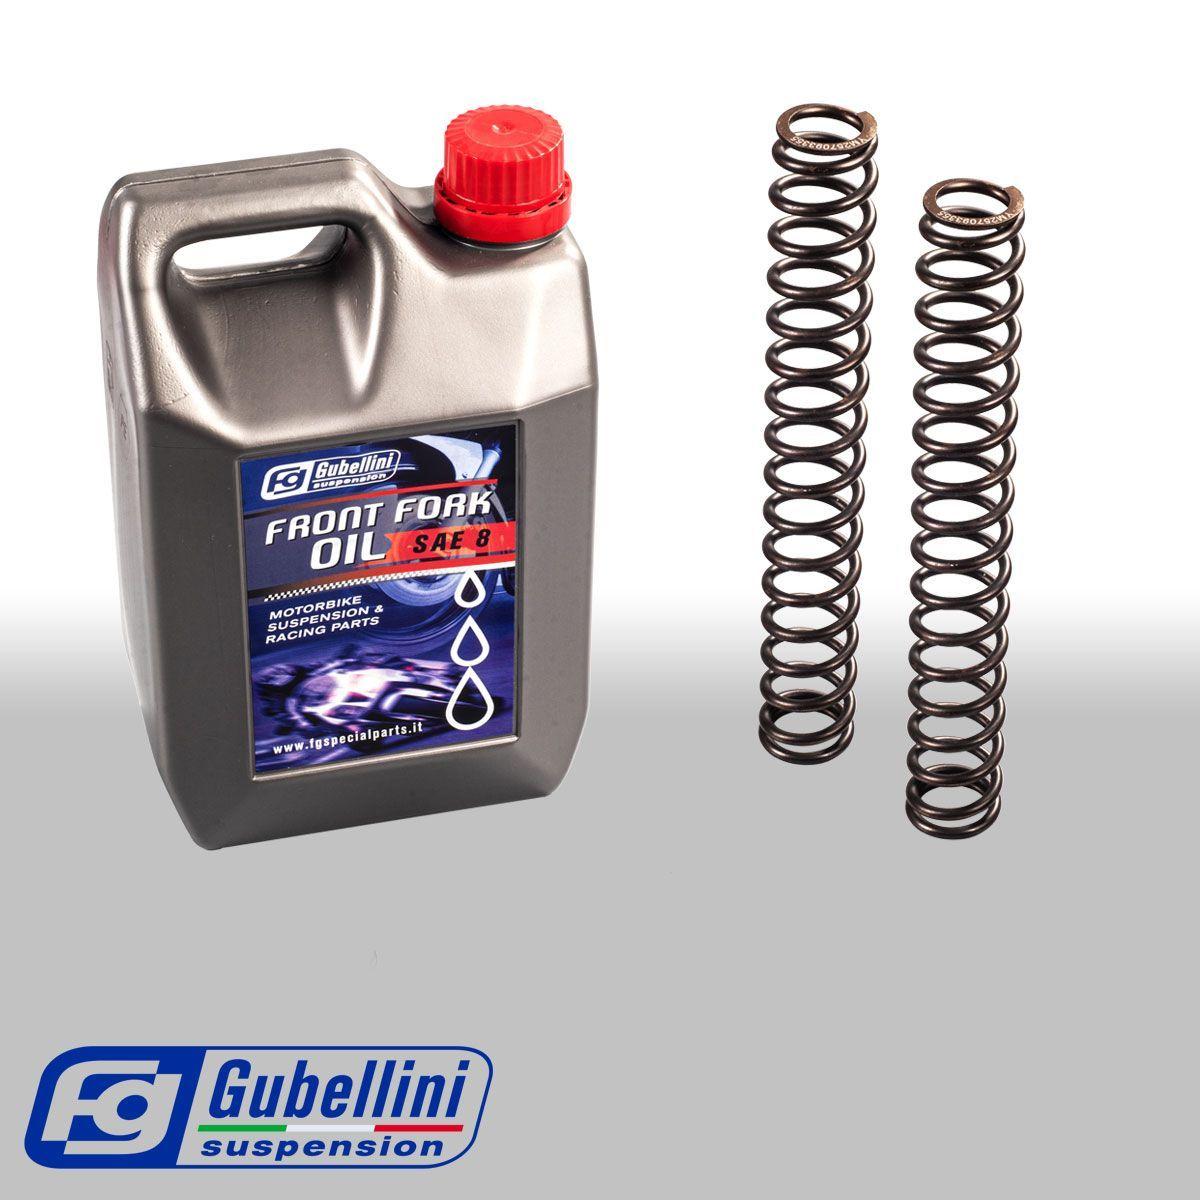 Fork oil and spring kit